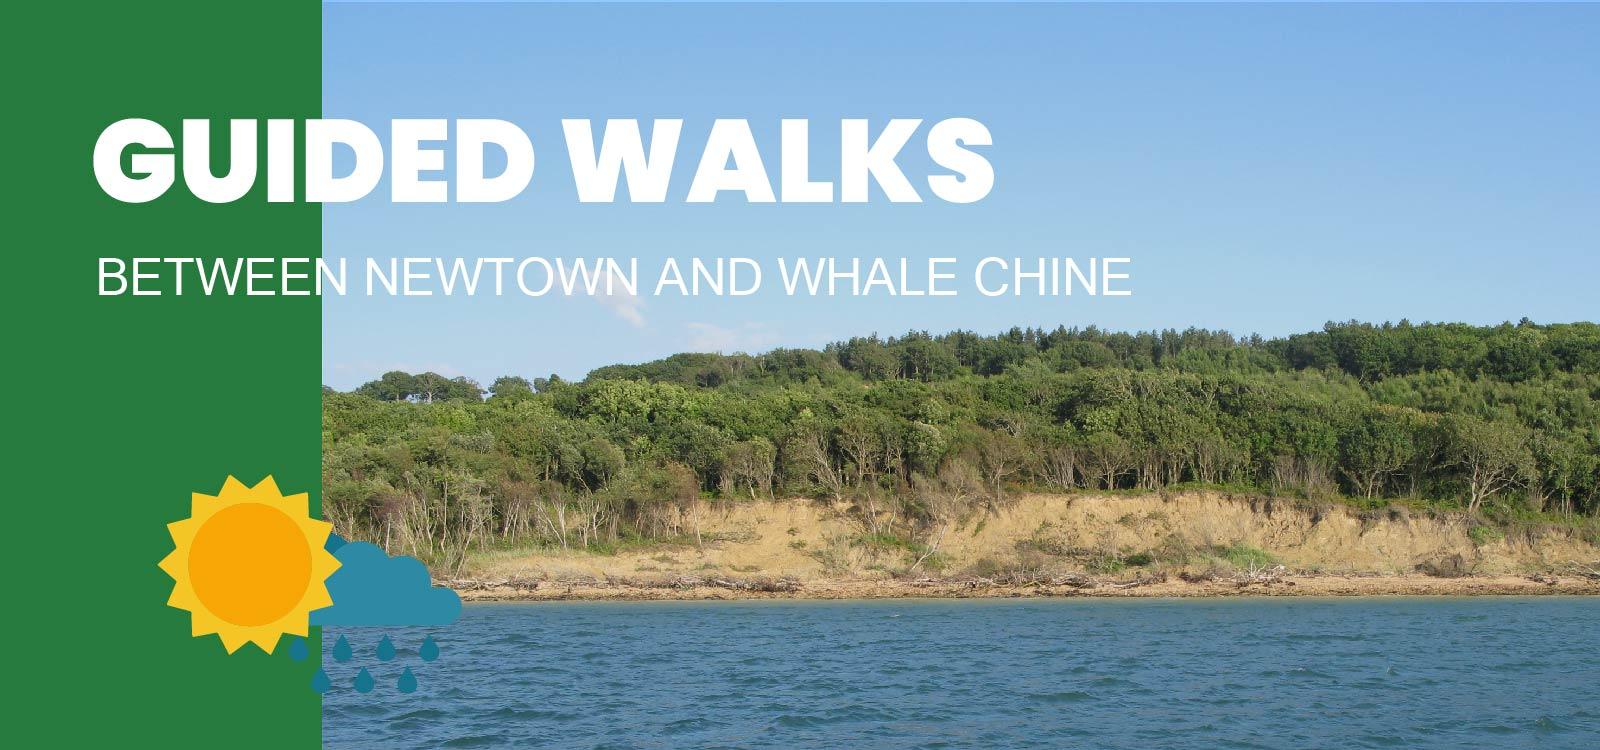 summer activites - guided walks